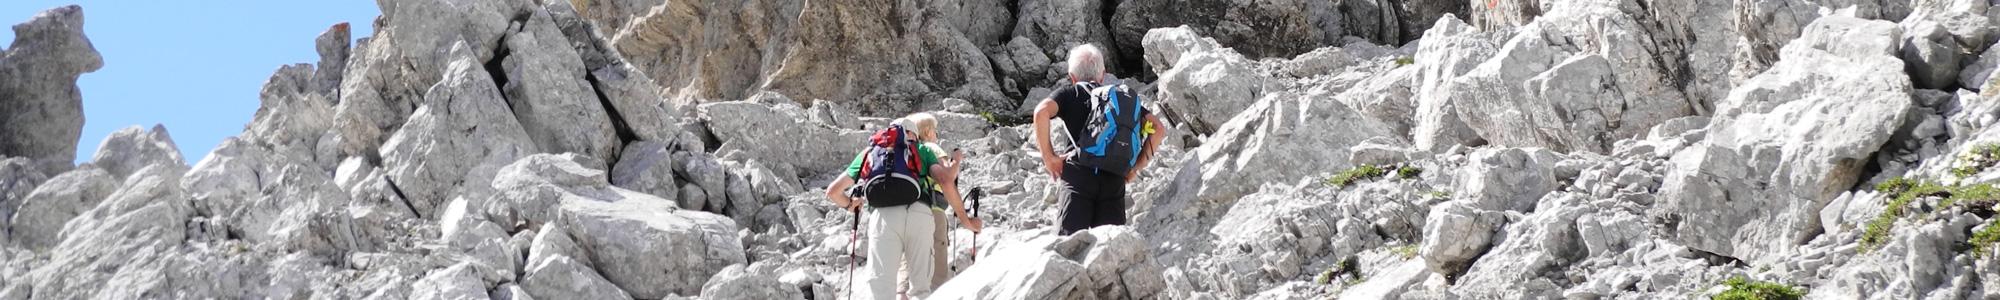 slide-trekking-04